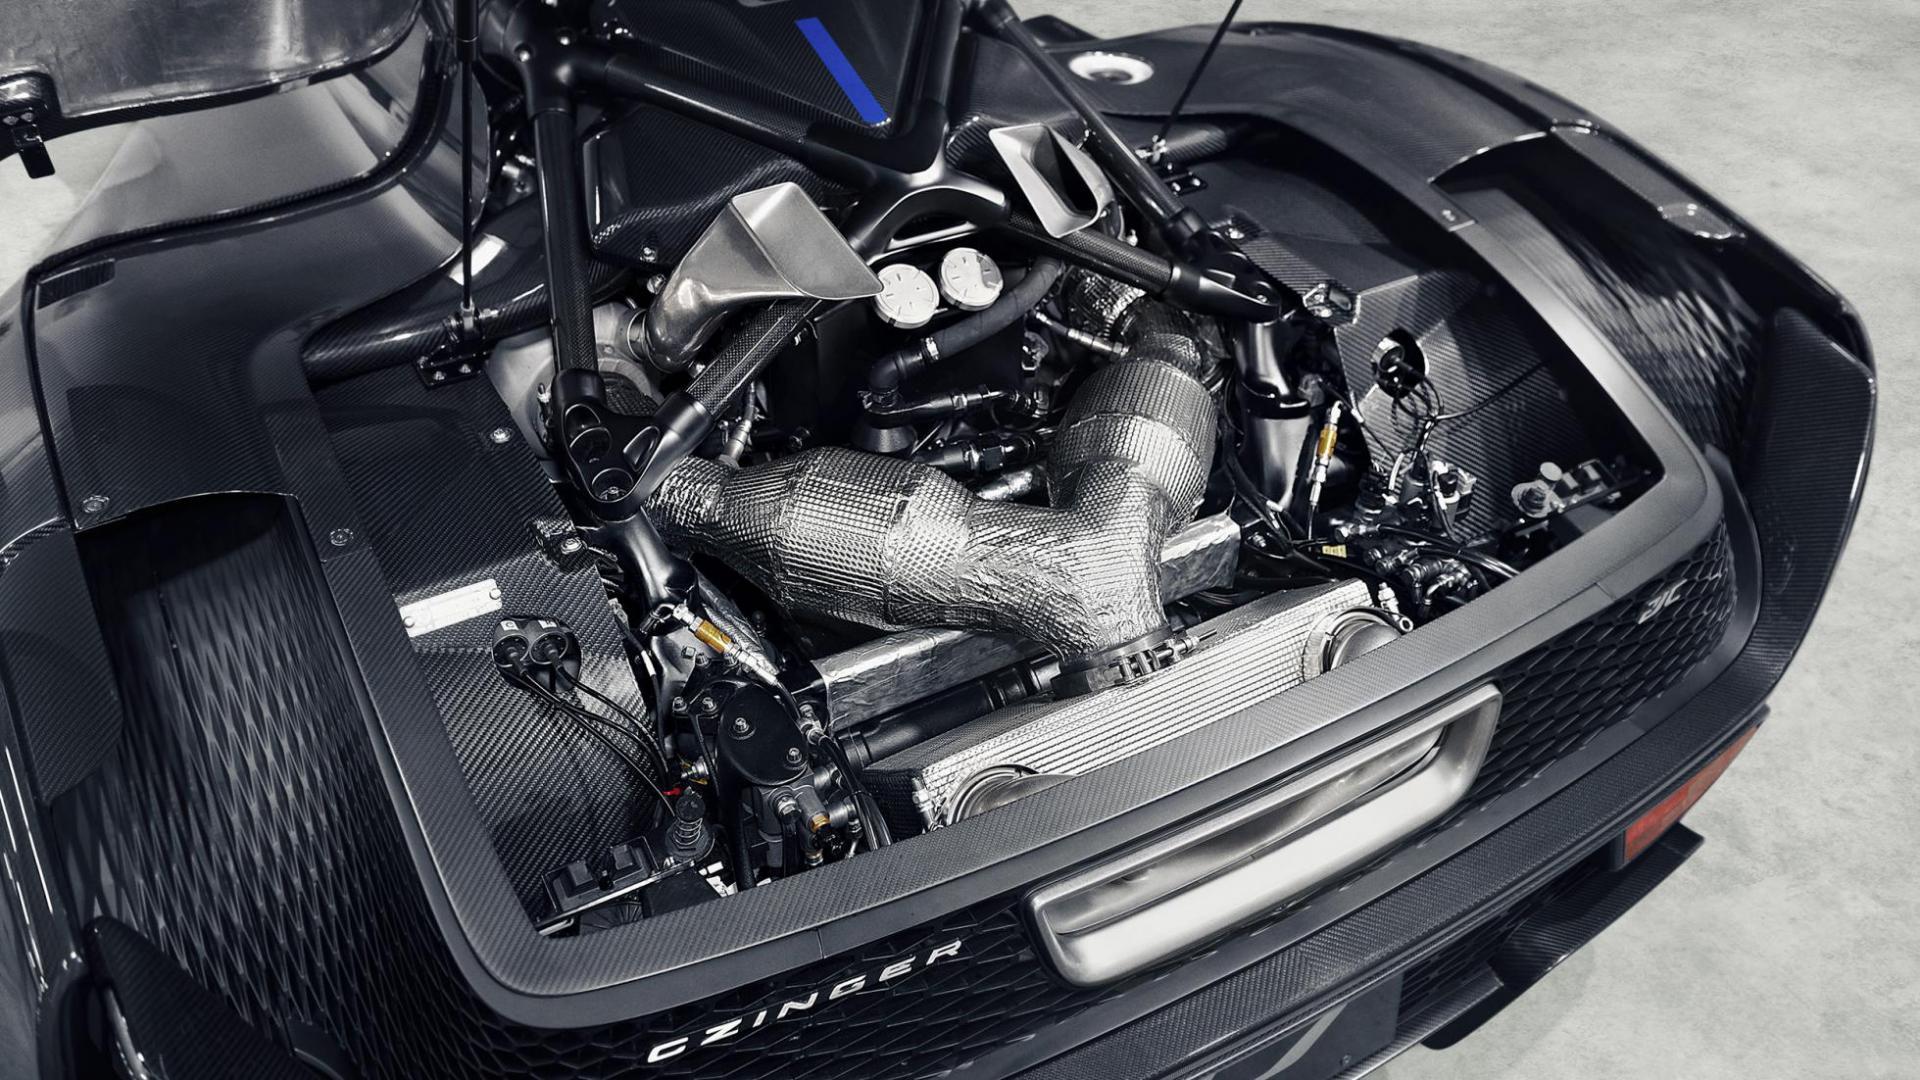 Czinger 21C 2020 2,9-liter V8 motor